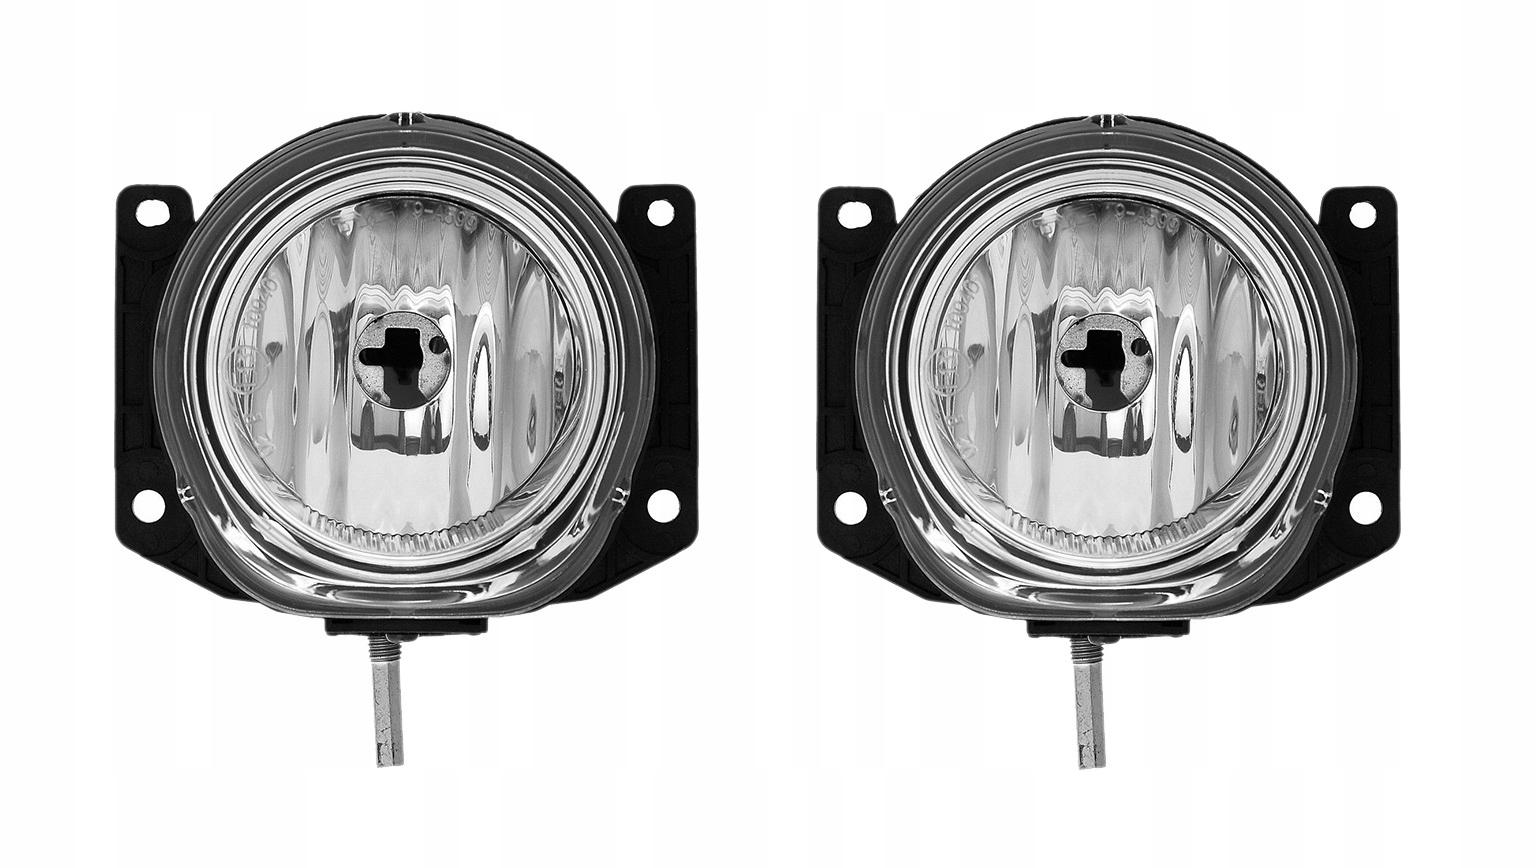 галоген лампа задняя противотуманная фара альфа romeo 159 05- l+p